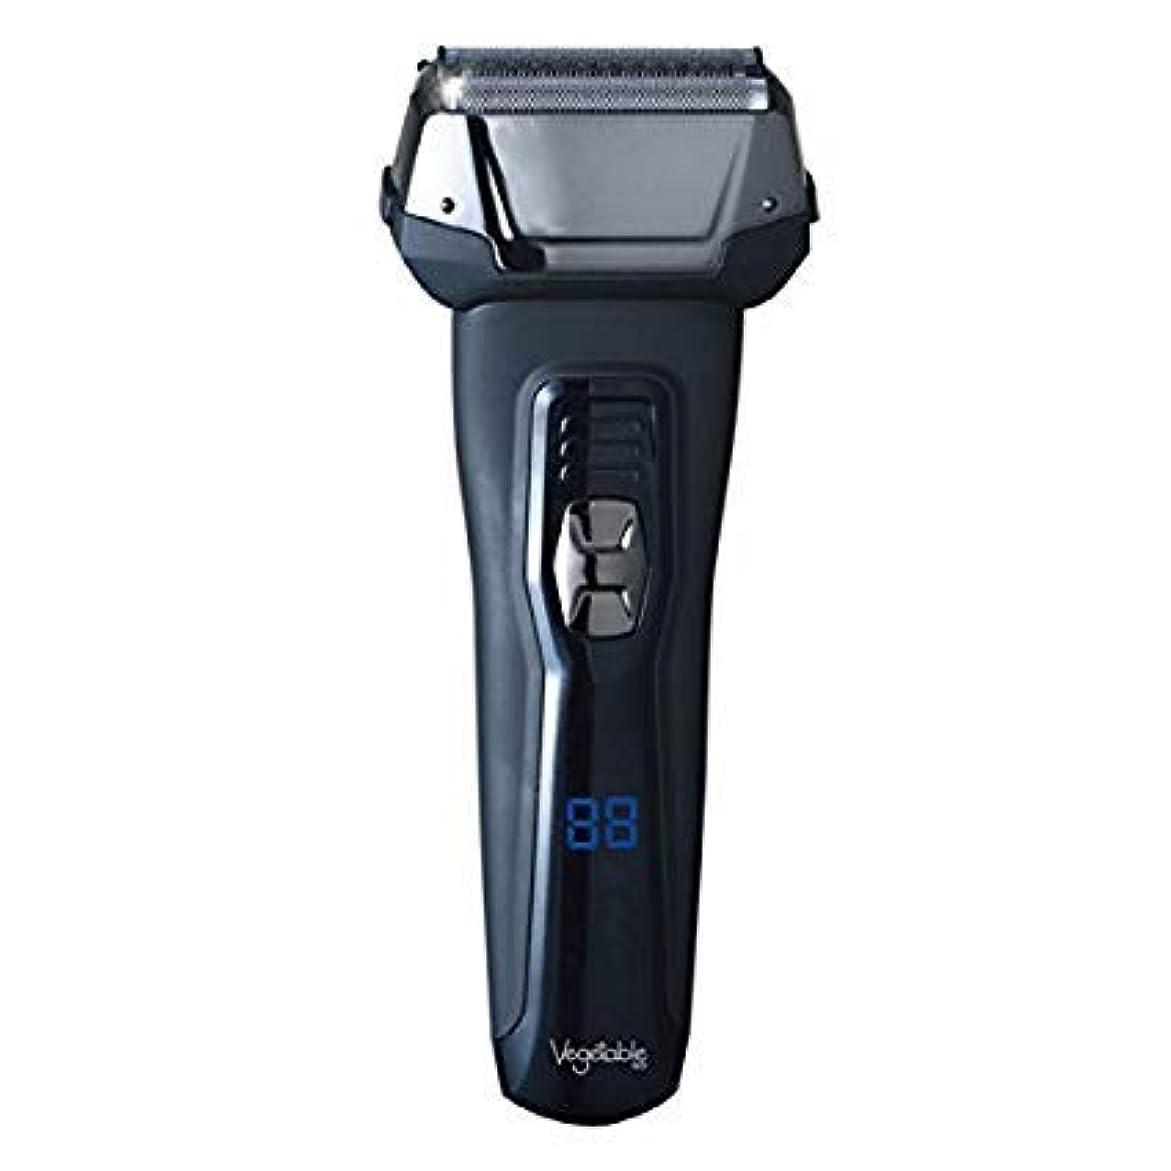 を通して関連付ける会計士髭剃り 電気シェーバー Vegetable 3枚刃 充電交流式ウォッシャブルデジタルシェーバー GD-S307D